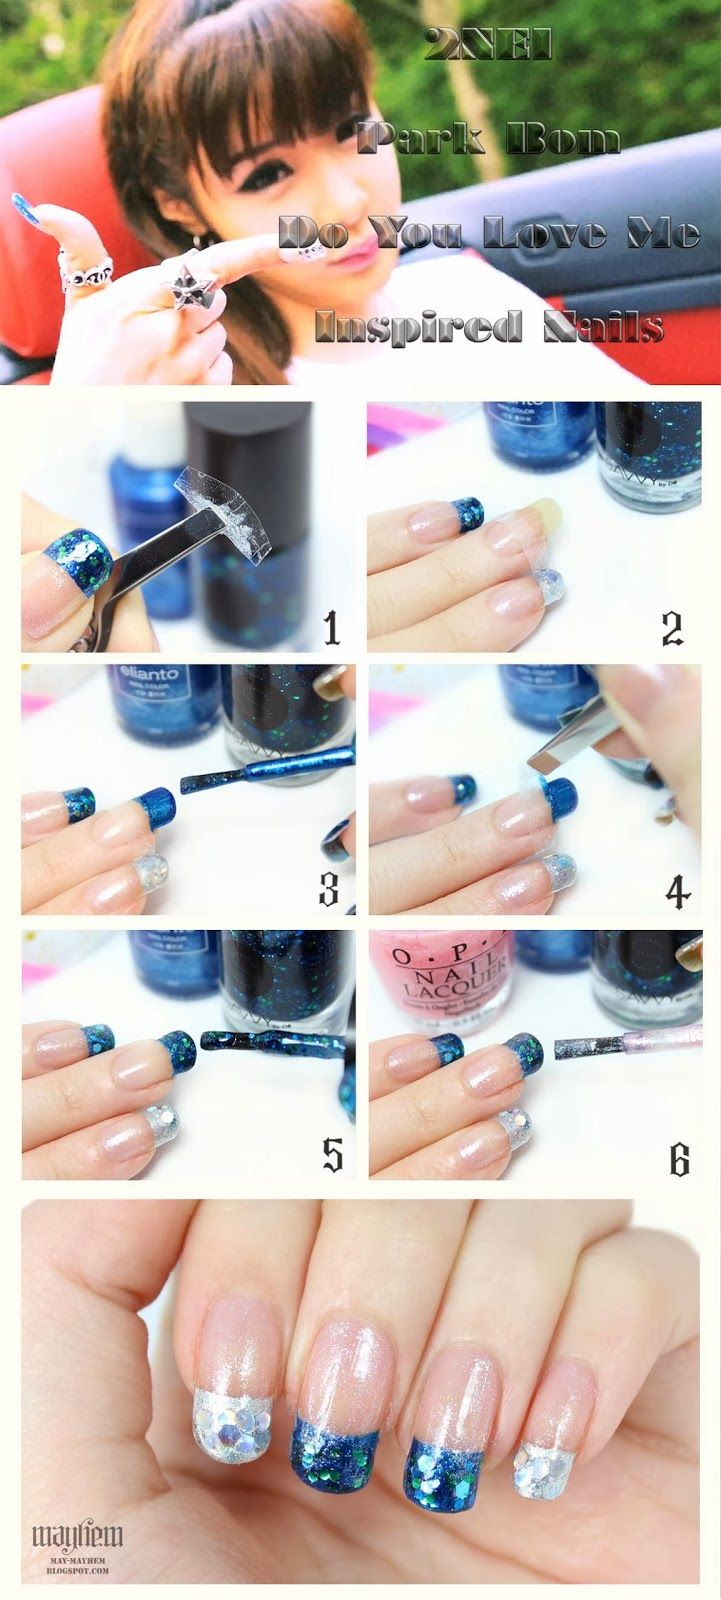 Park bom nails Nail Art Pinterest Nails Nail Art and Cute